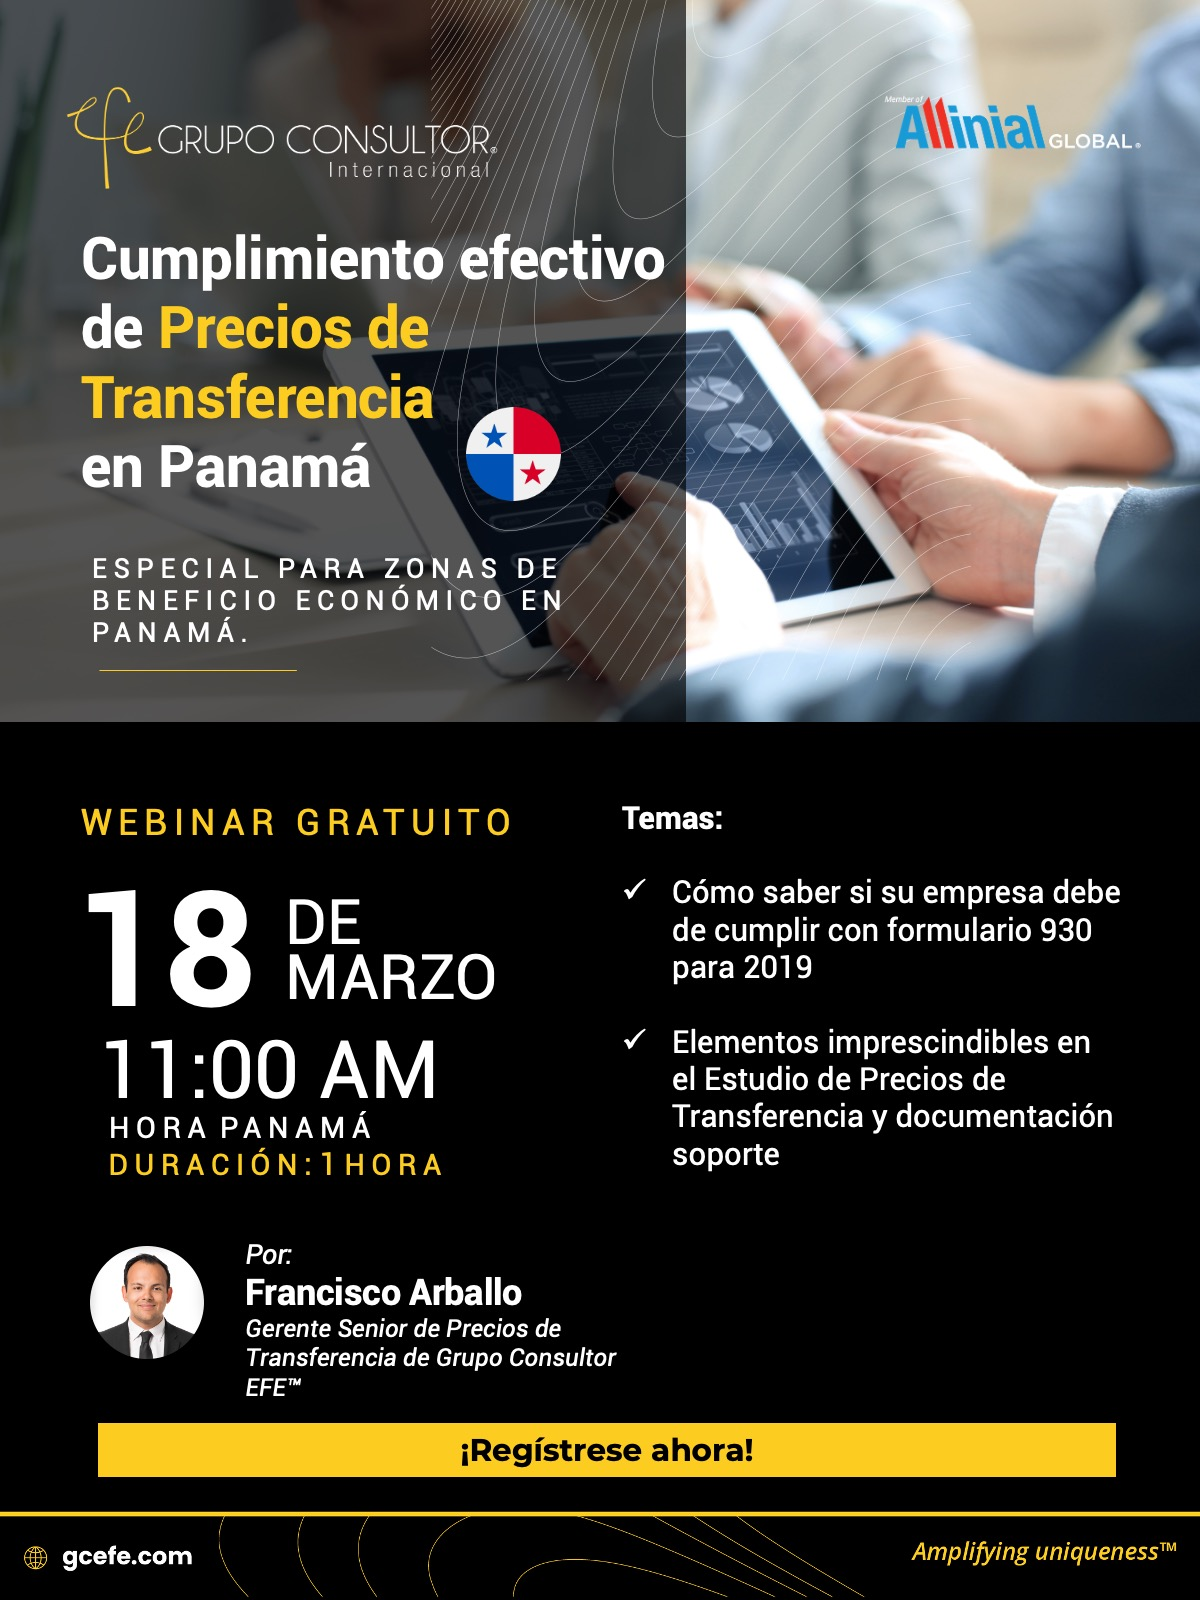 Cumplimiento Efectivo De Precios De Transferencia En Panamá.